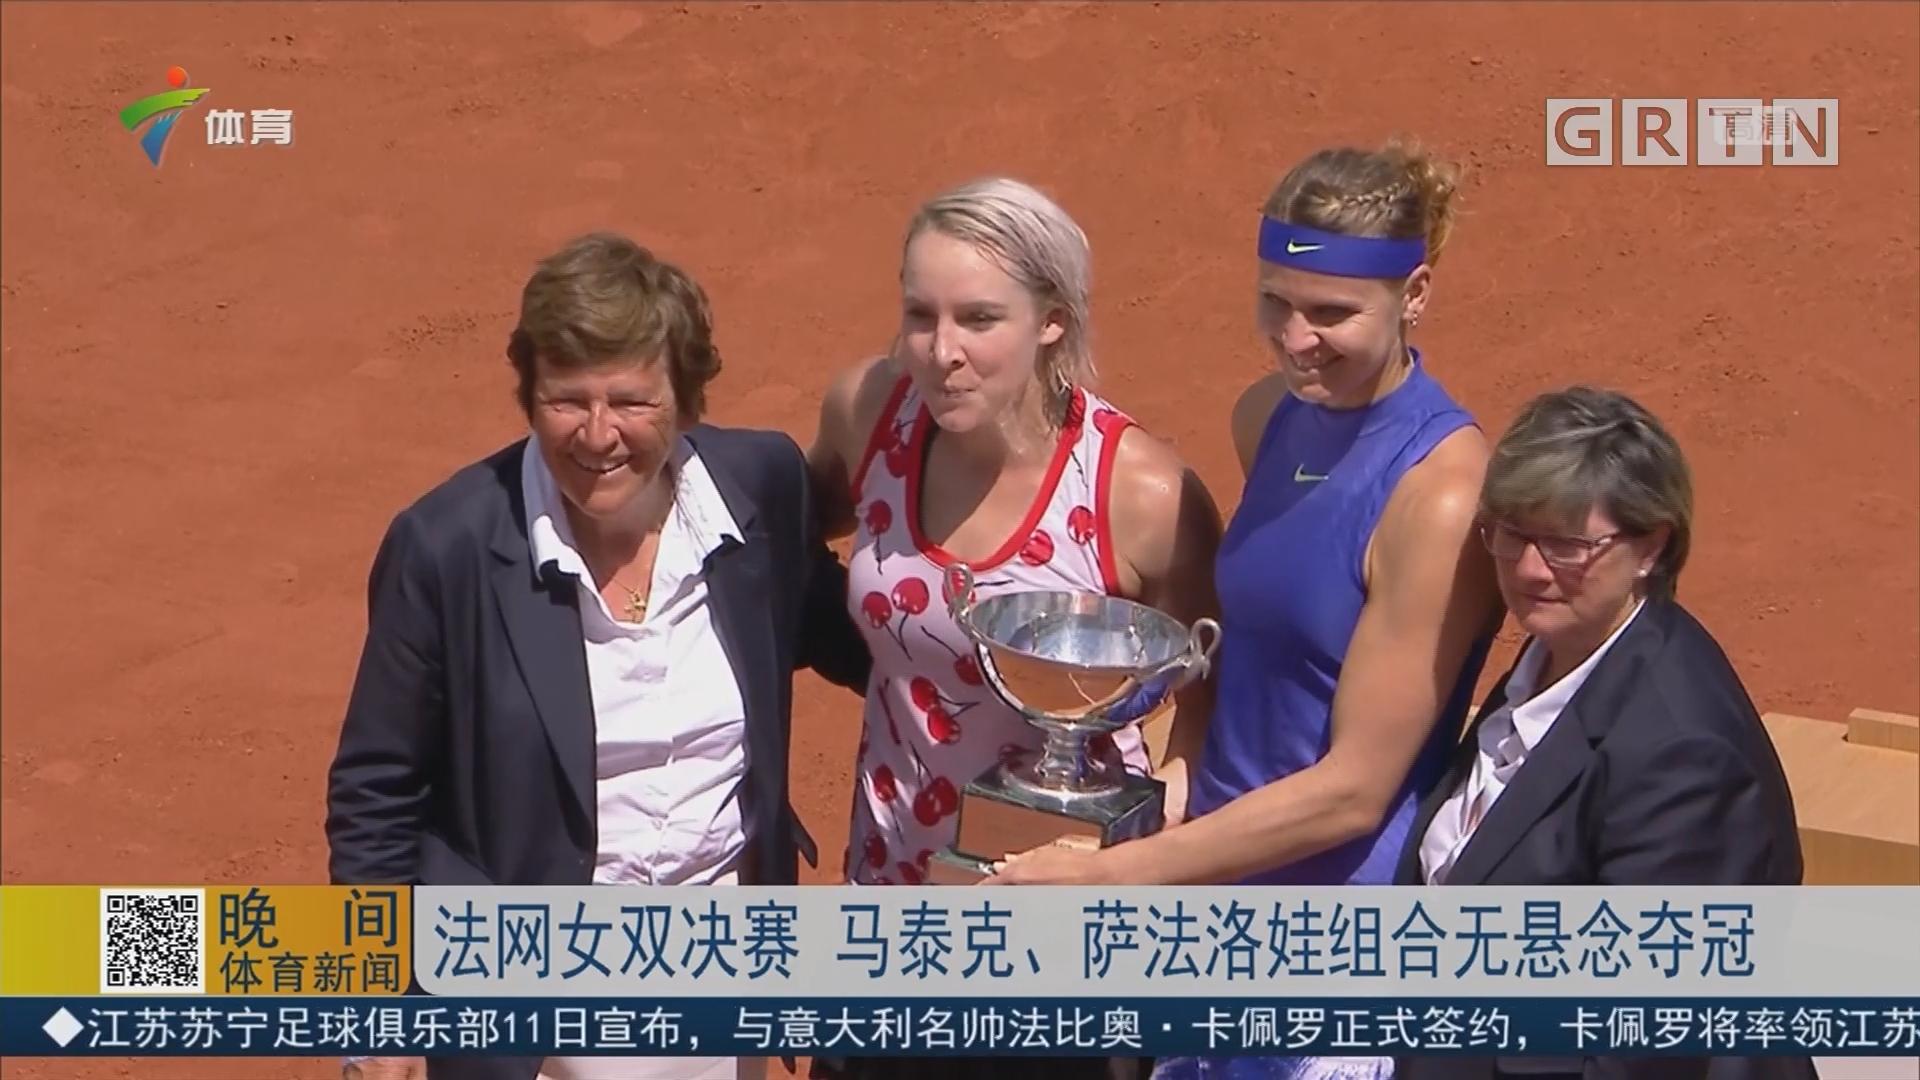 法网女双决赛 马泰克、萨法洛娃组合无悬念夺冠